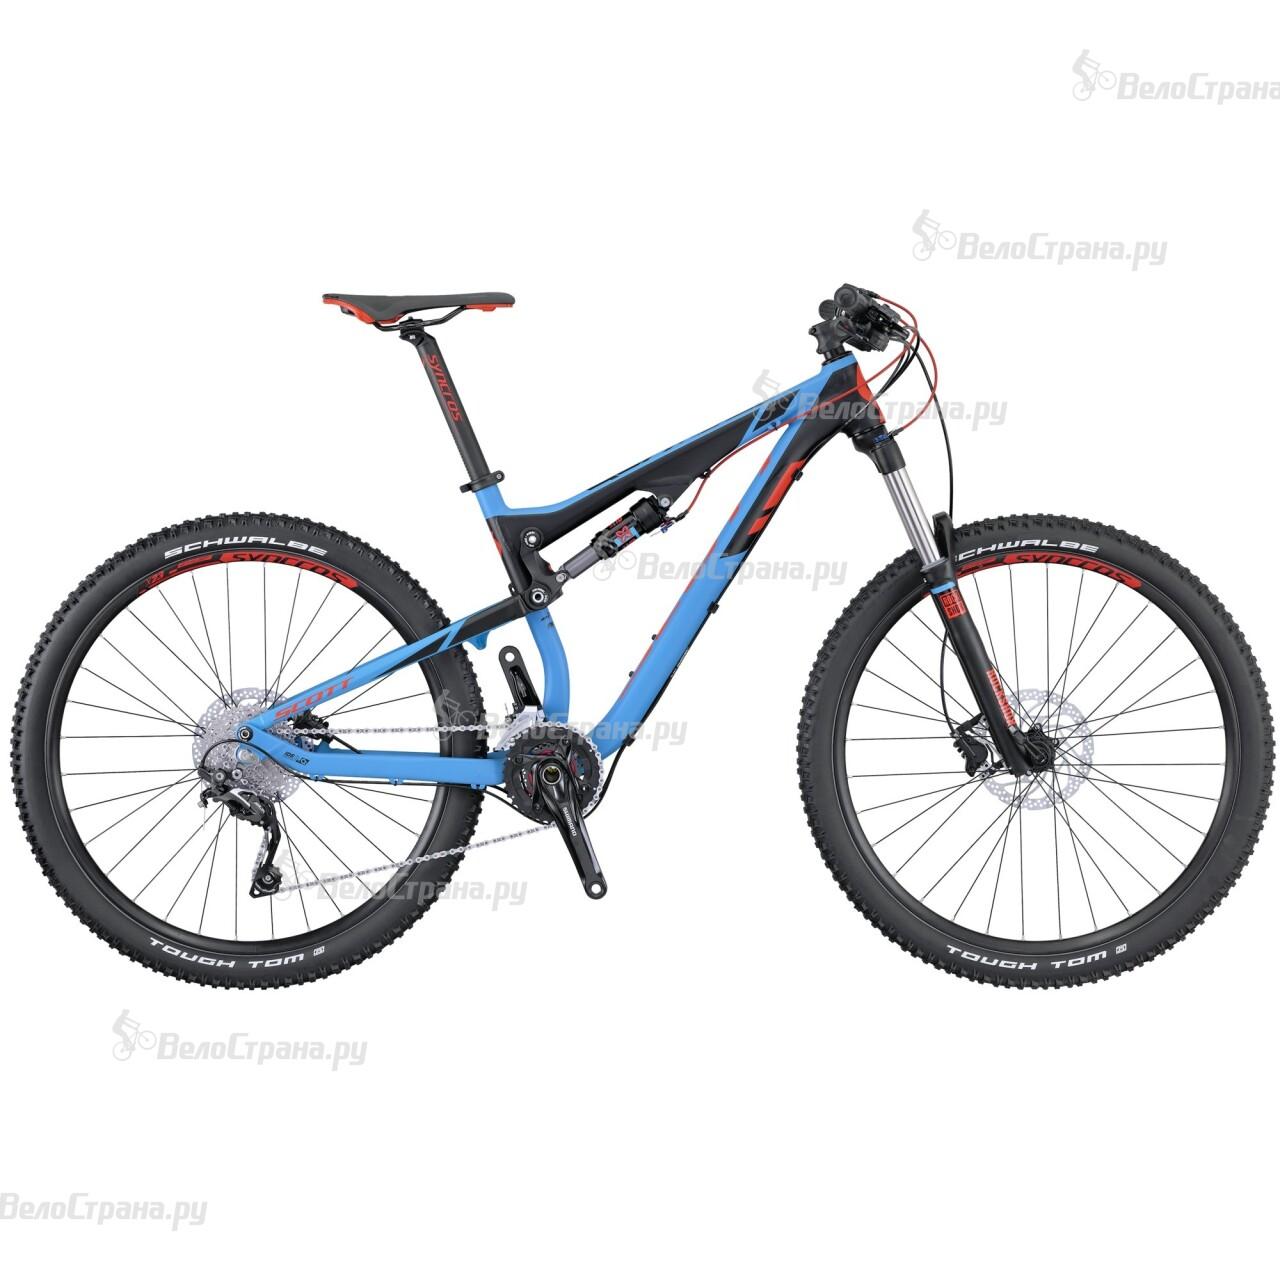 Велосипед Scott GENIUS 750 (2016) scott genius 750 2015